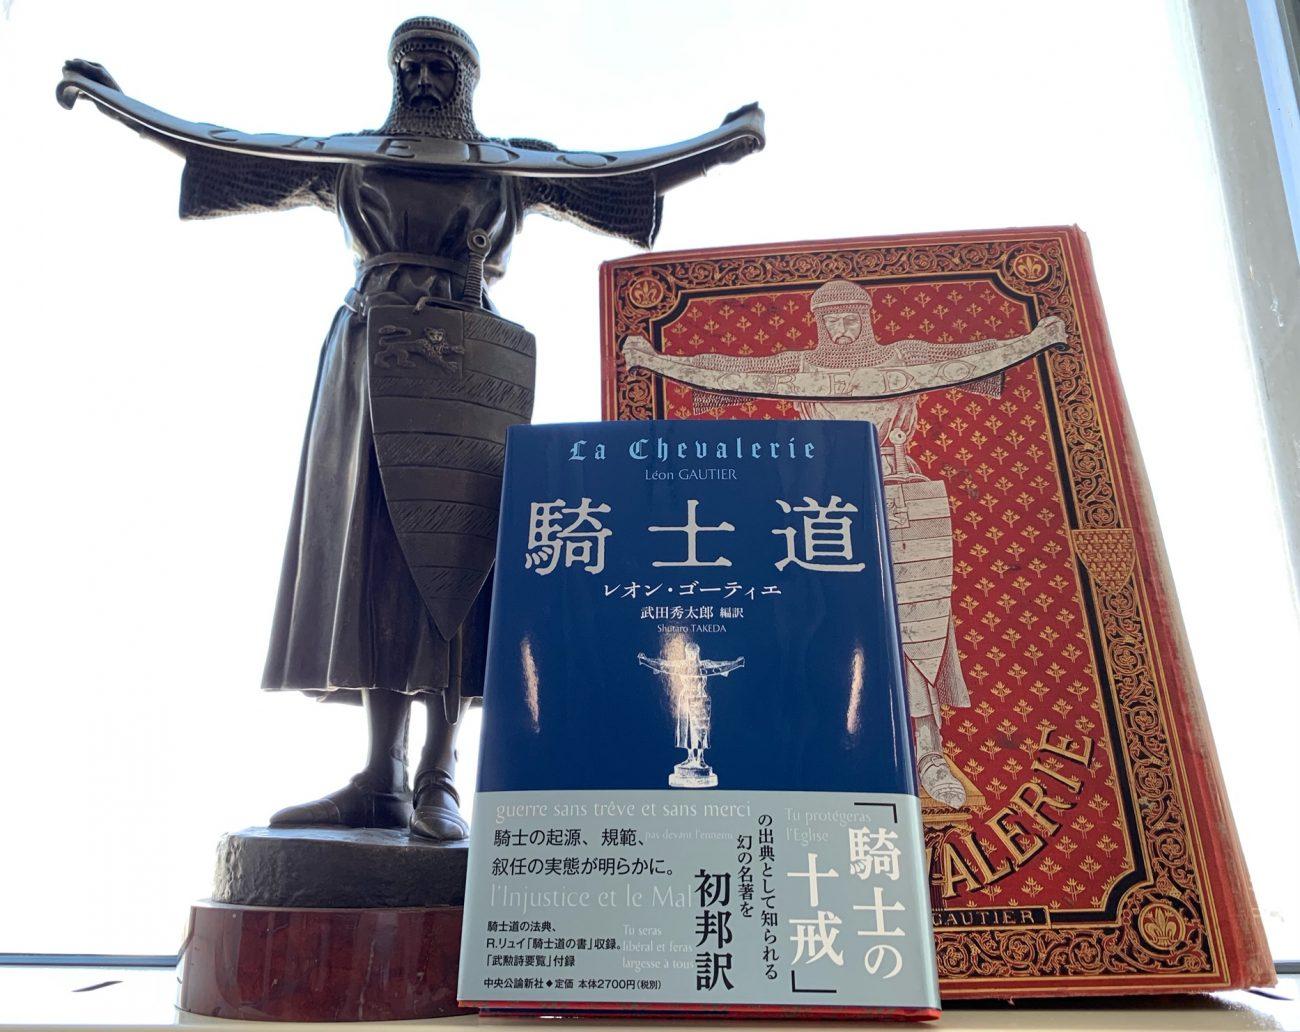 (Book) 「騎士道」レオン・ゴーティエ著/武田秀太郎編訳